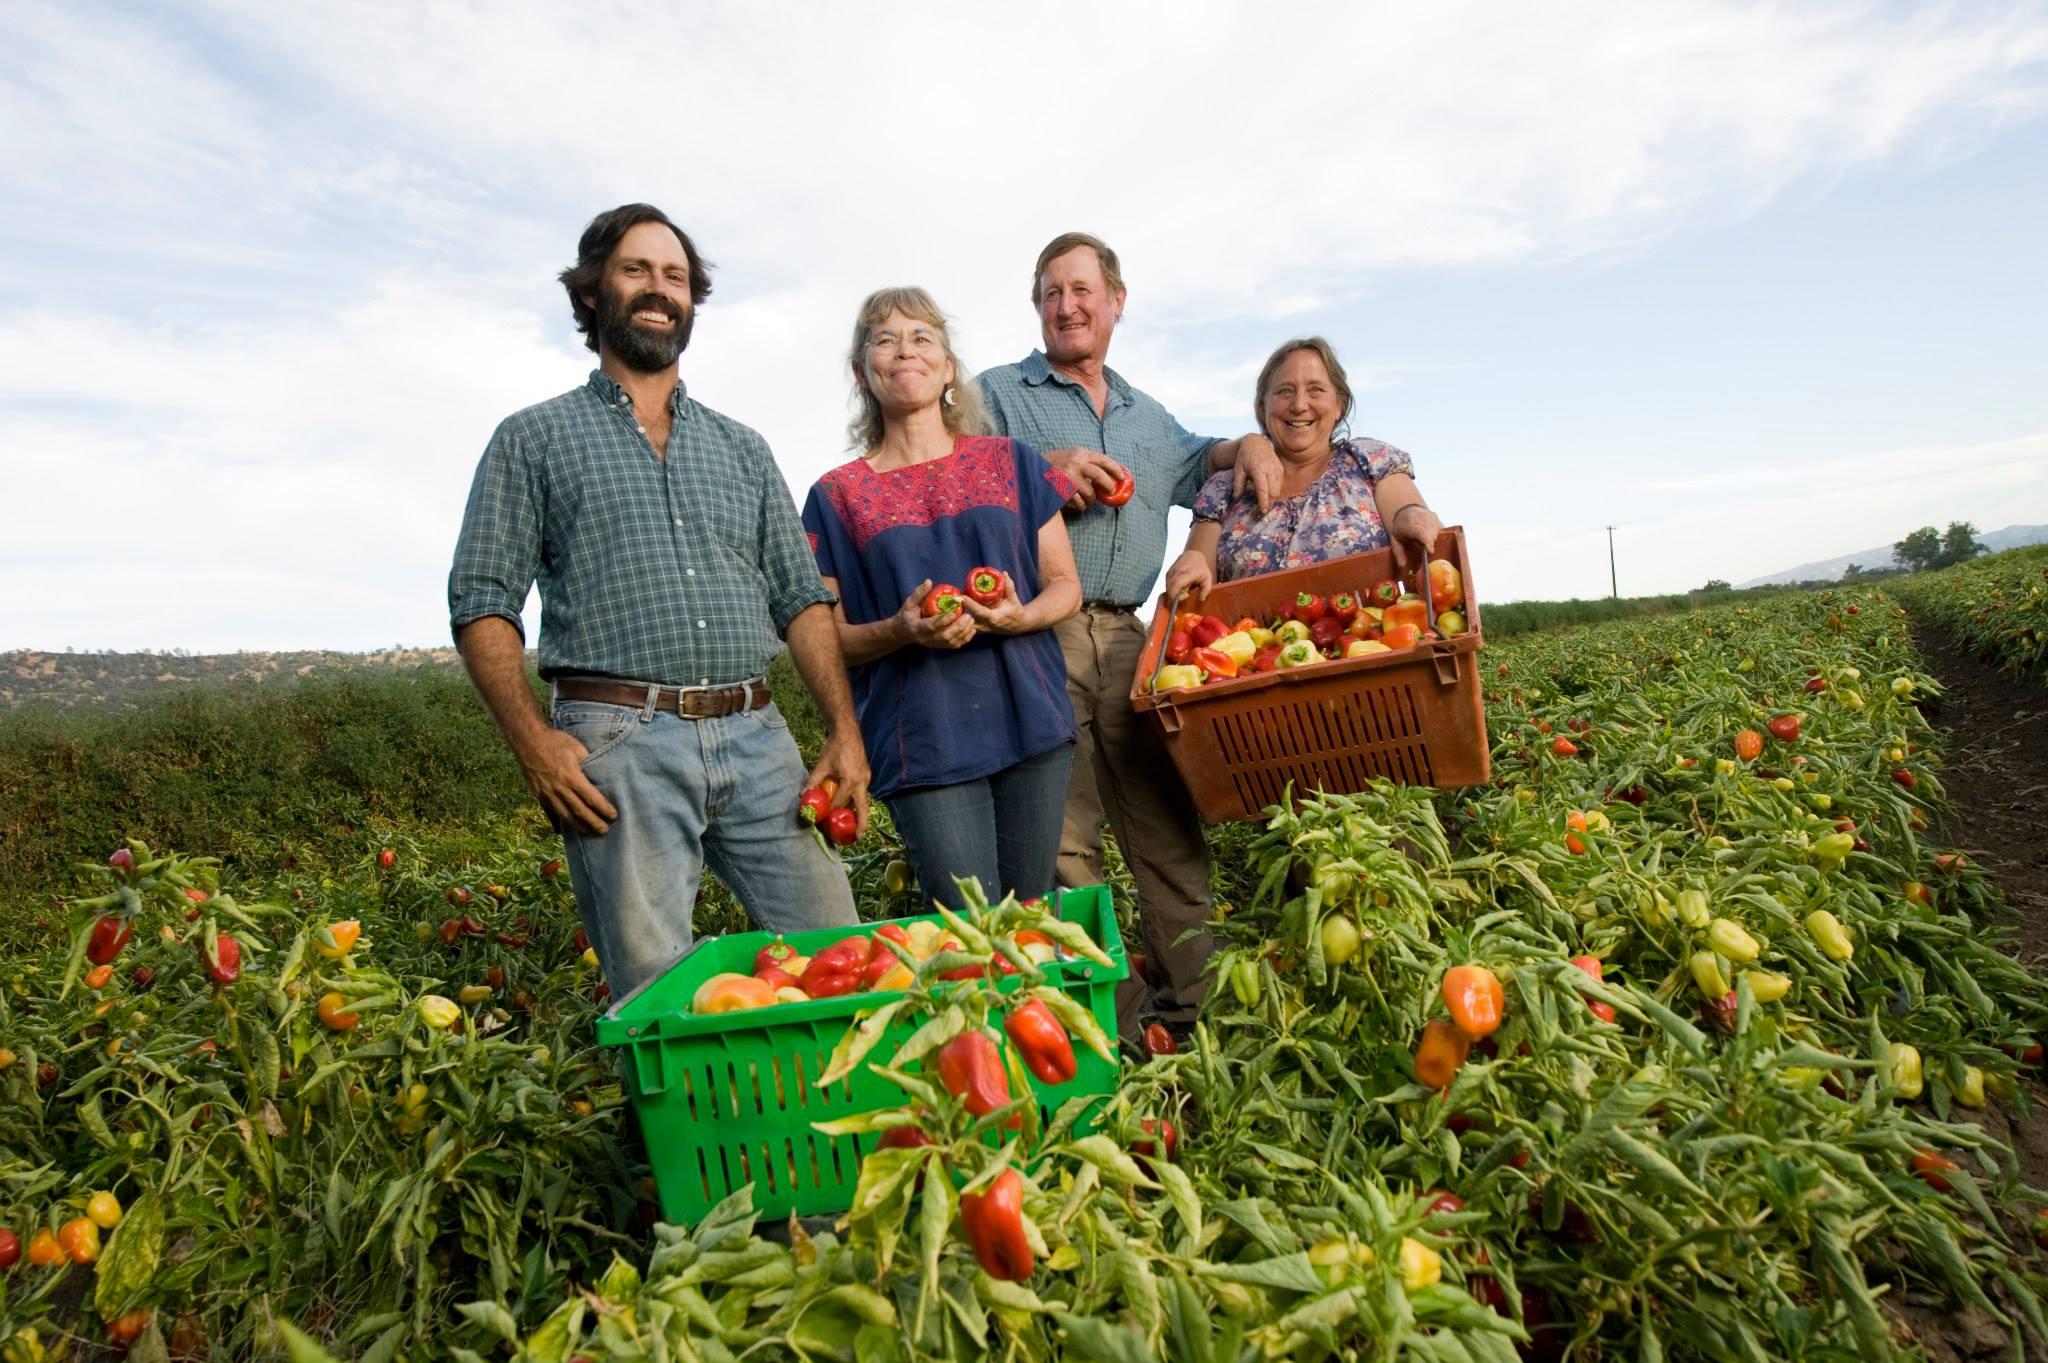 Αγροτικές-επιδοτήσεις-Ενισχύονται-Ιδρύσεις-Εκσυγχρονισμοί